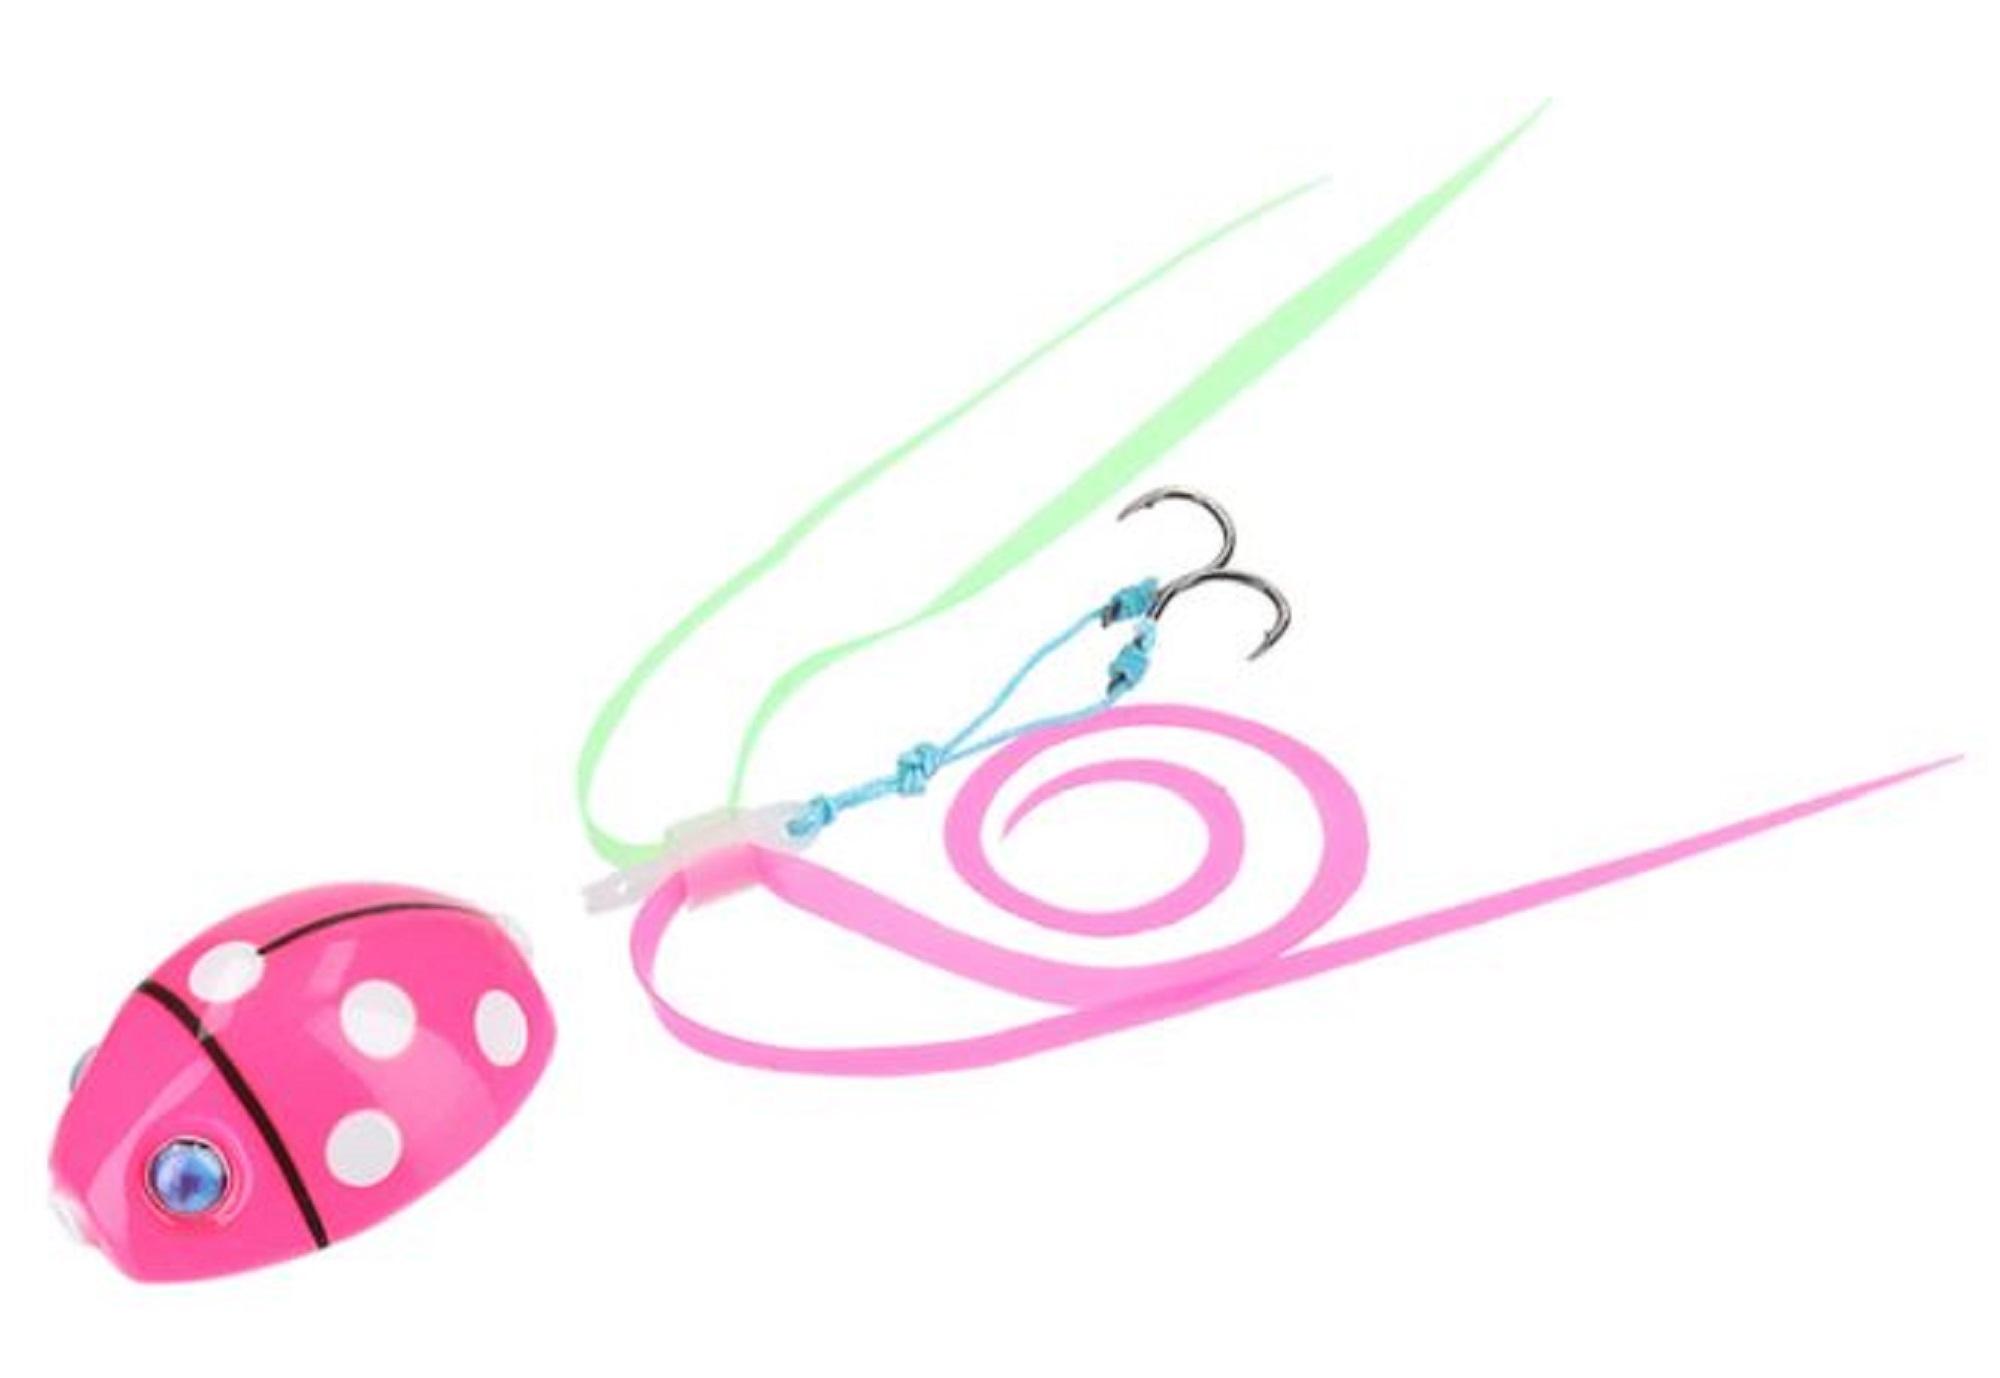 Daiwa Sliding Madai BRFA Nakai LB 80 grams Dot Pink (7757)